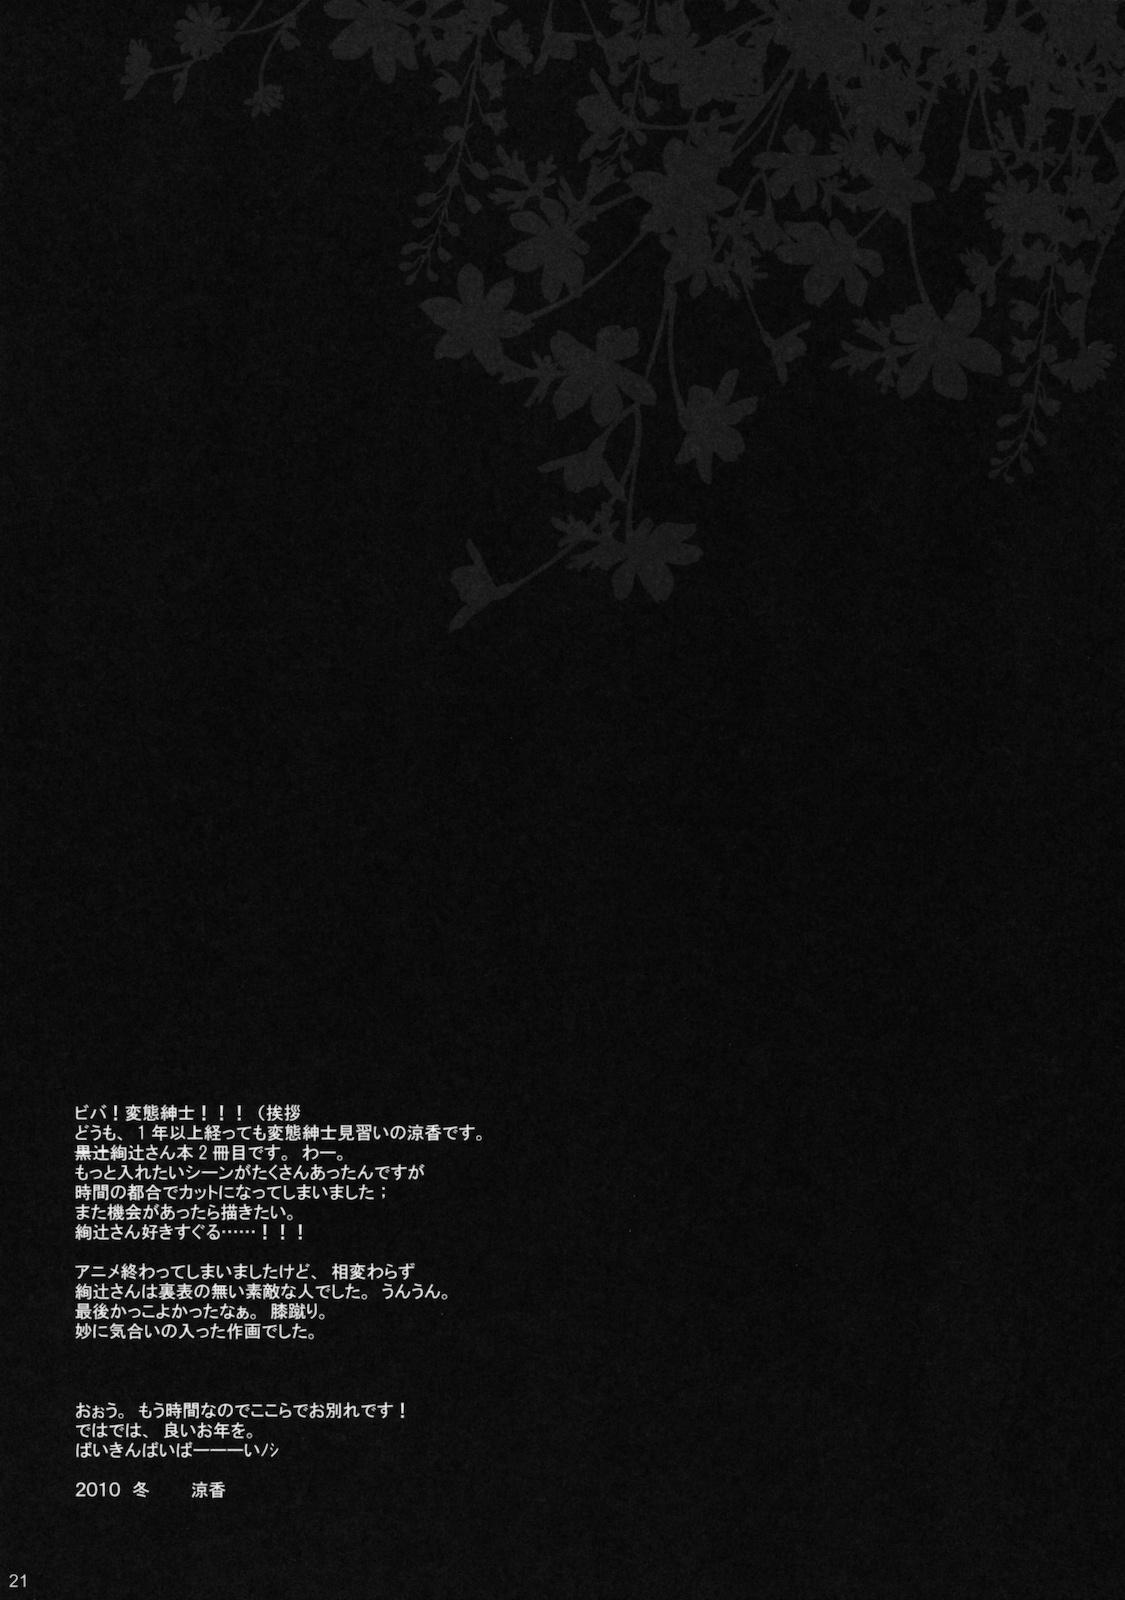 Anata wo Ijimeru 100 no Houhou 2 19